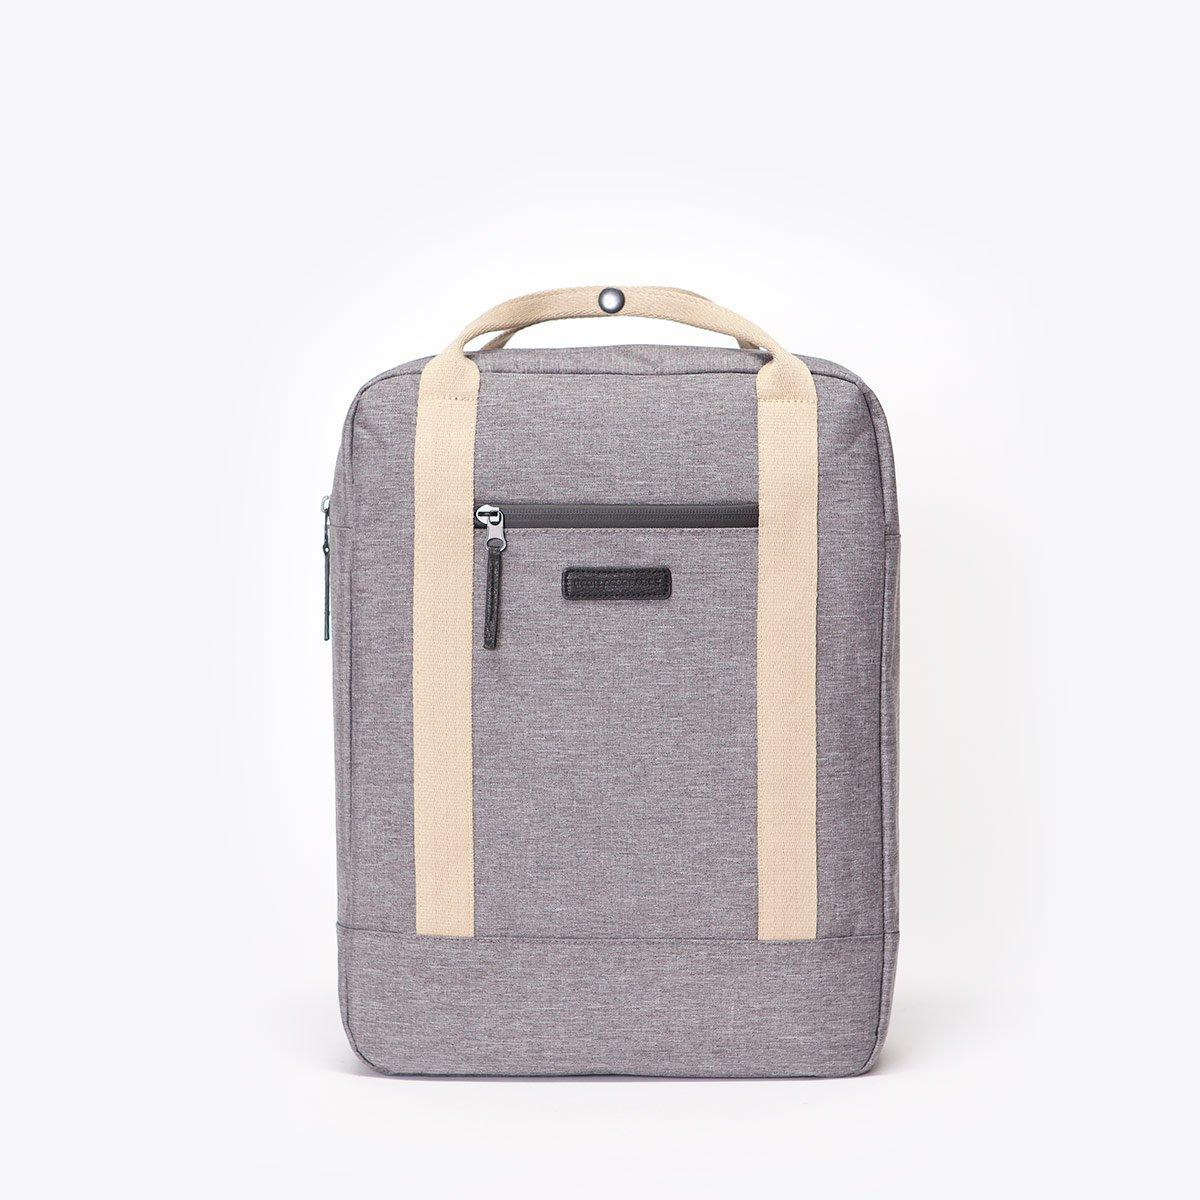 Voděodolný batoh Ison Slate – šedý c1a4d13e8b